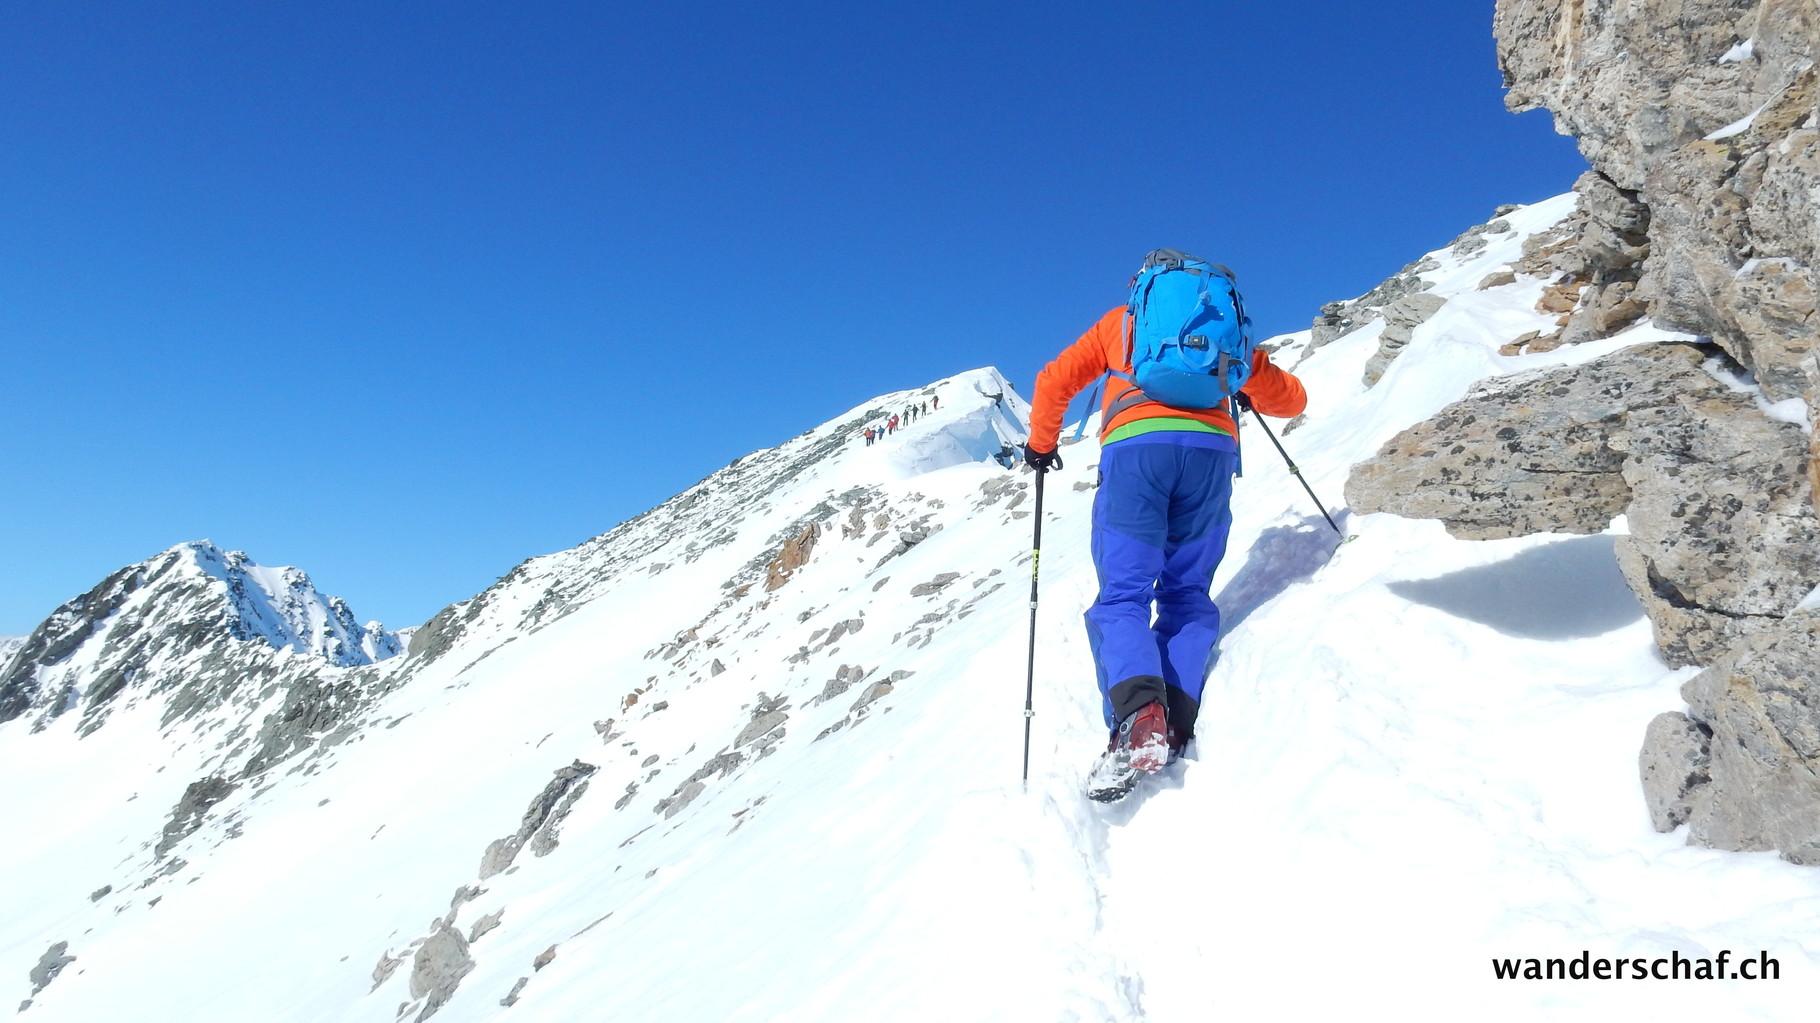 Zu Fuss geht's über den Grat zum Gipfel vom Piz Surgonda